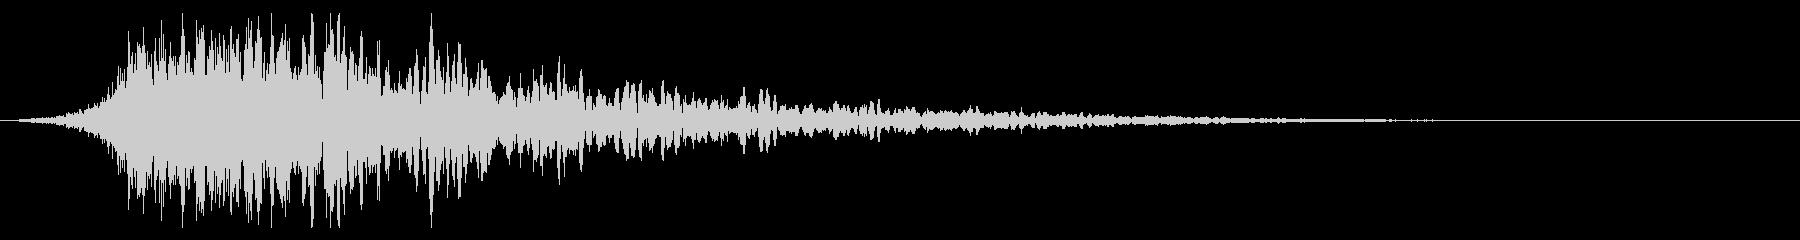 シュードーン-44-1(インパクト音)の未再生の波形